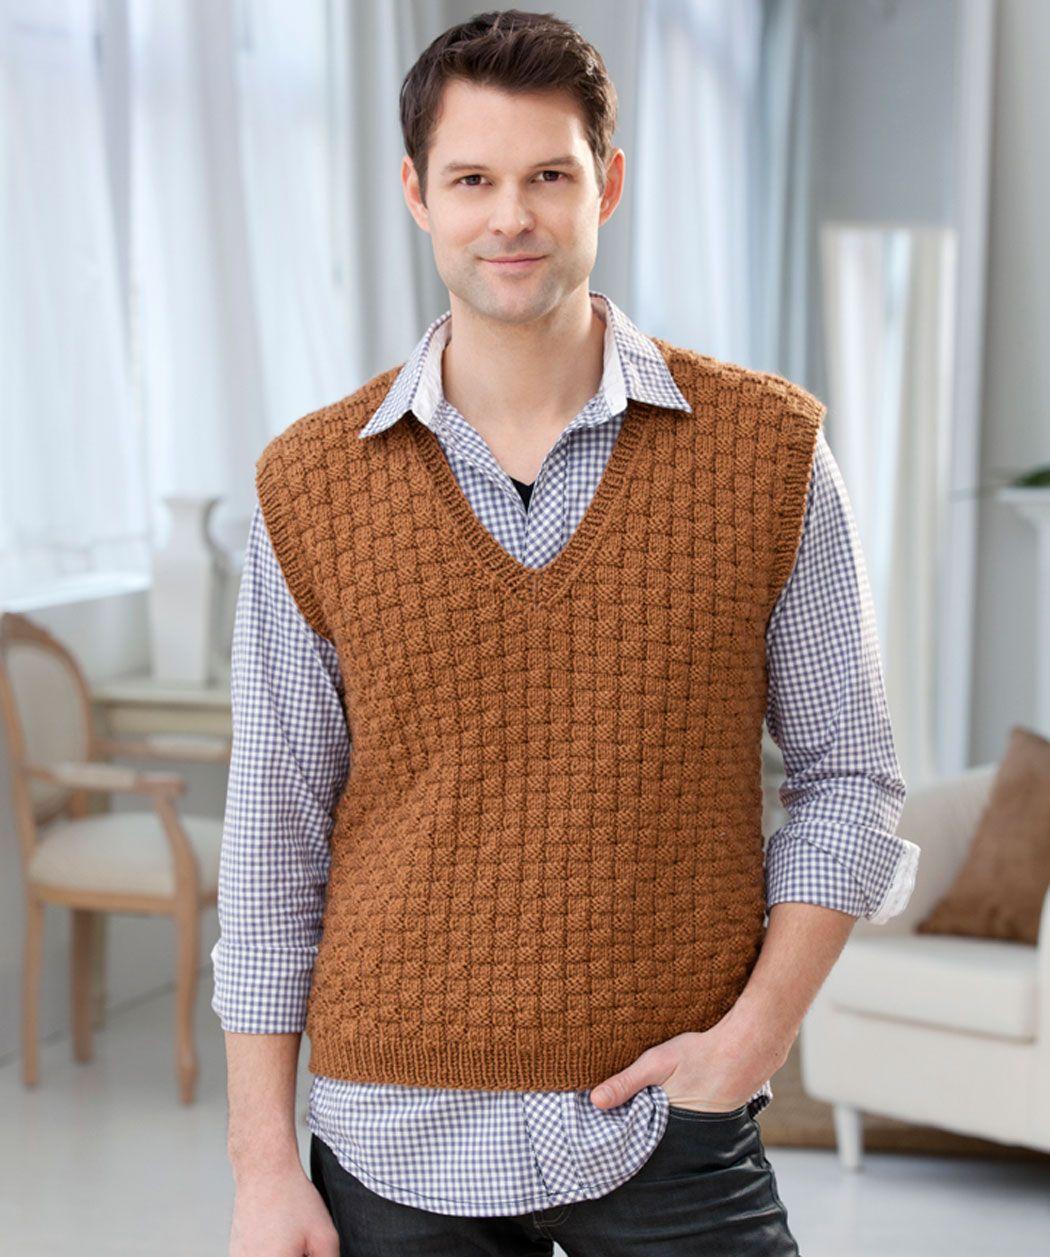 Men's Basketweave Vest Free Knitting Pattern LW2549 | crochet ...